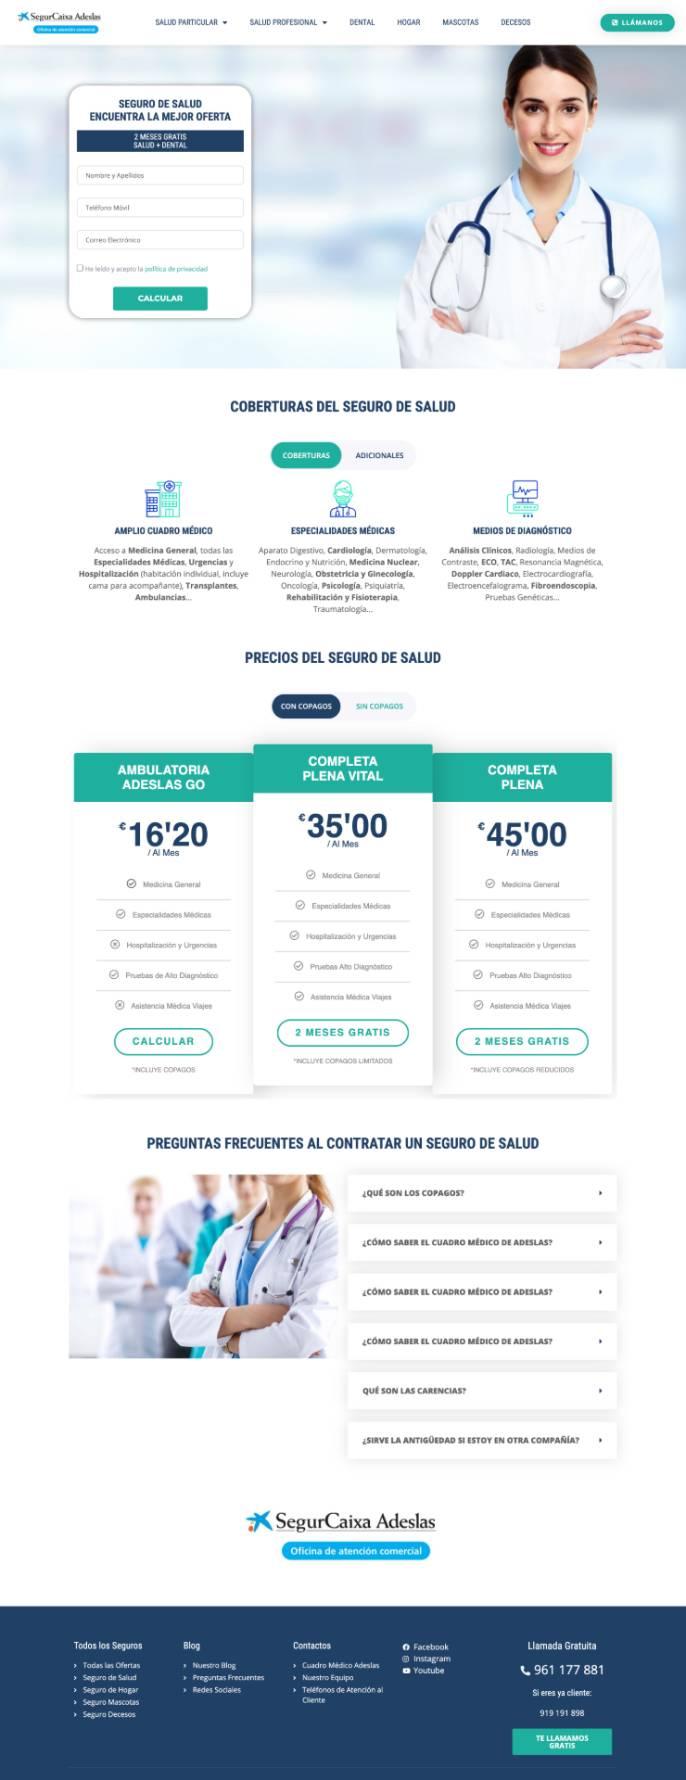 formacion diseno web valencia clases particulares web alumno seguros adeslas